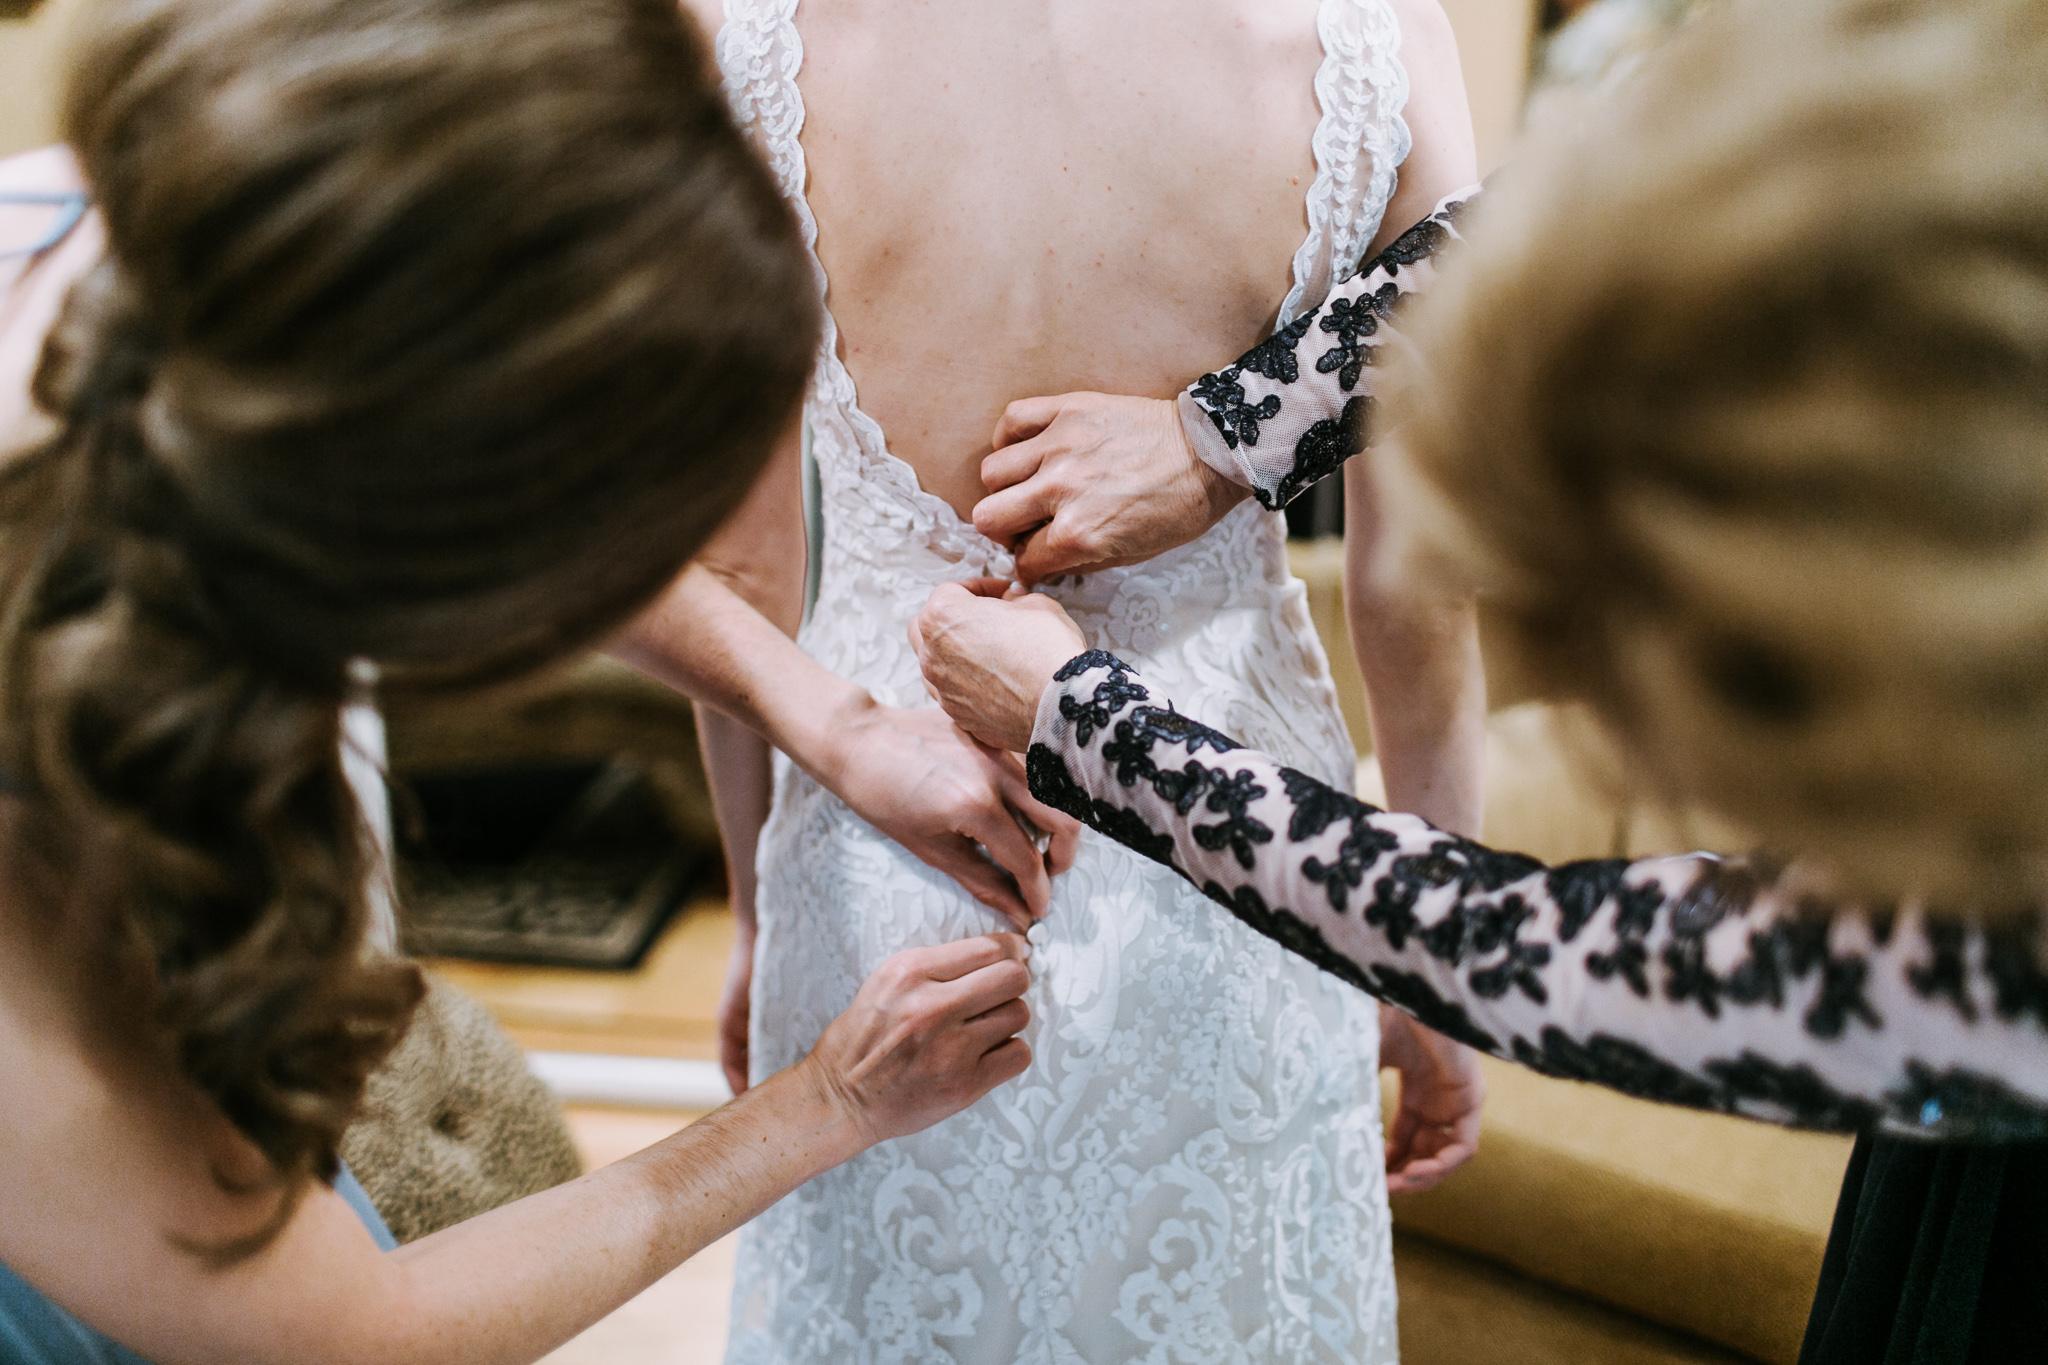 BayArea-Wedding-Photographer-17.jpg